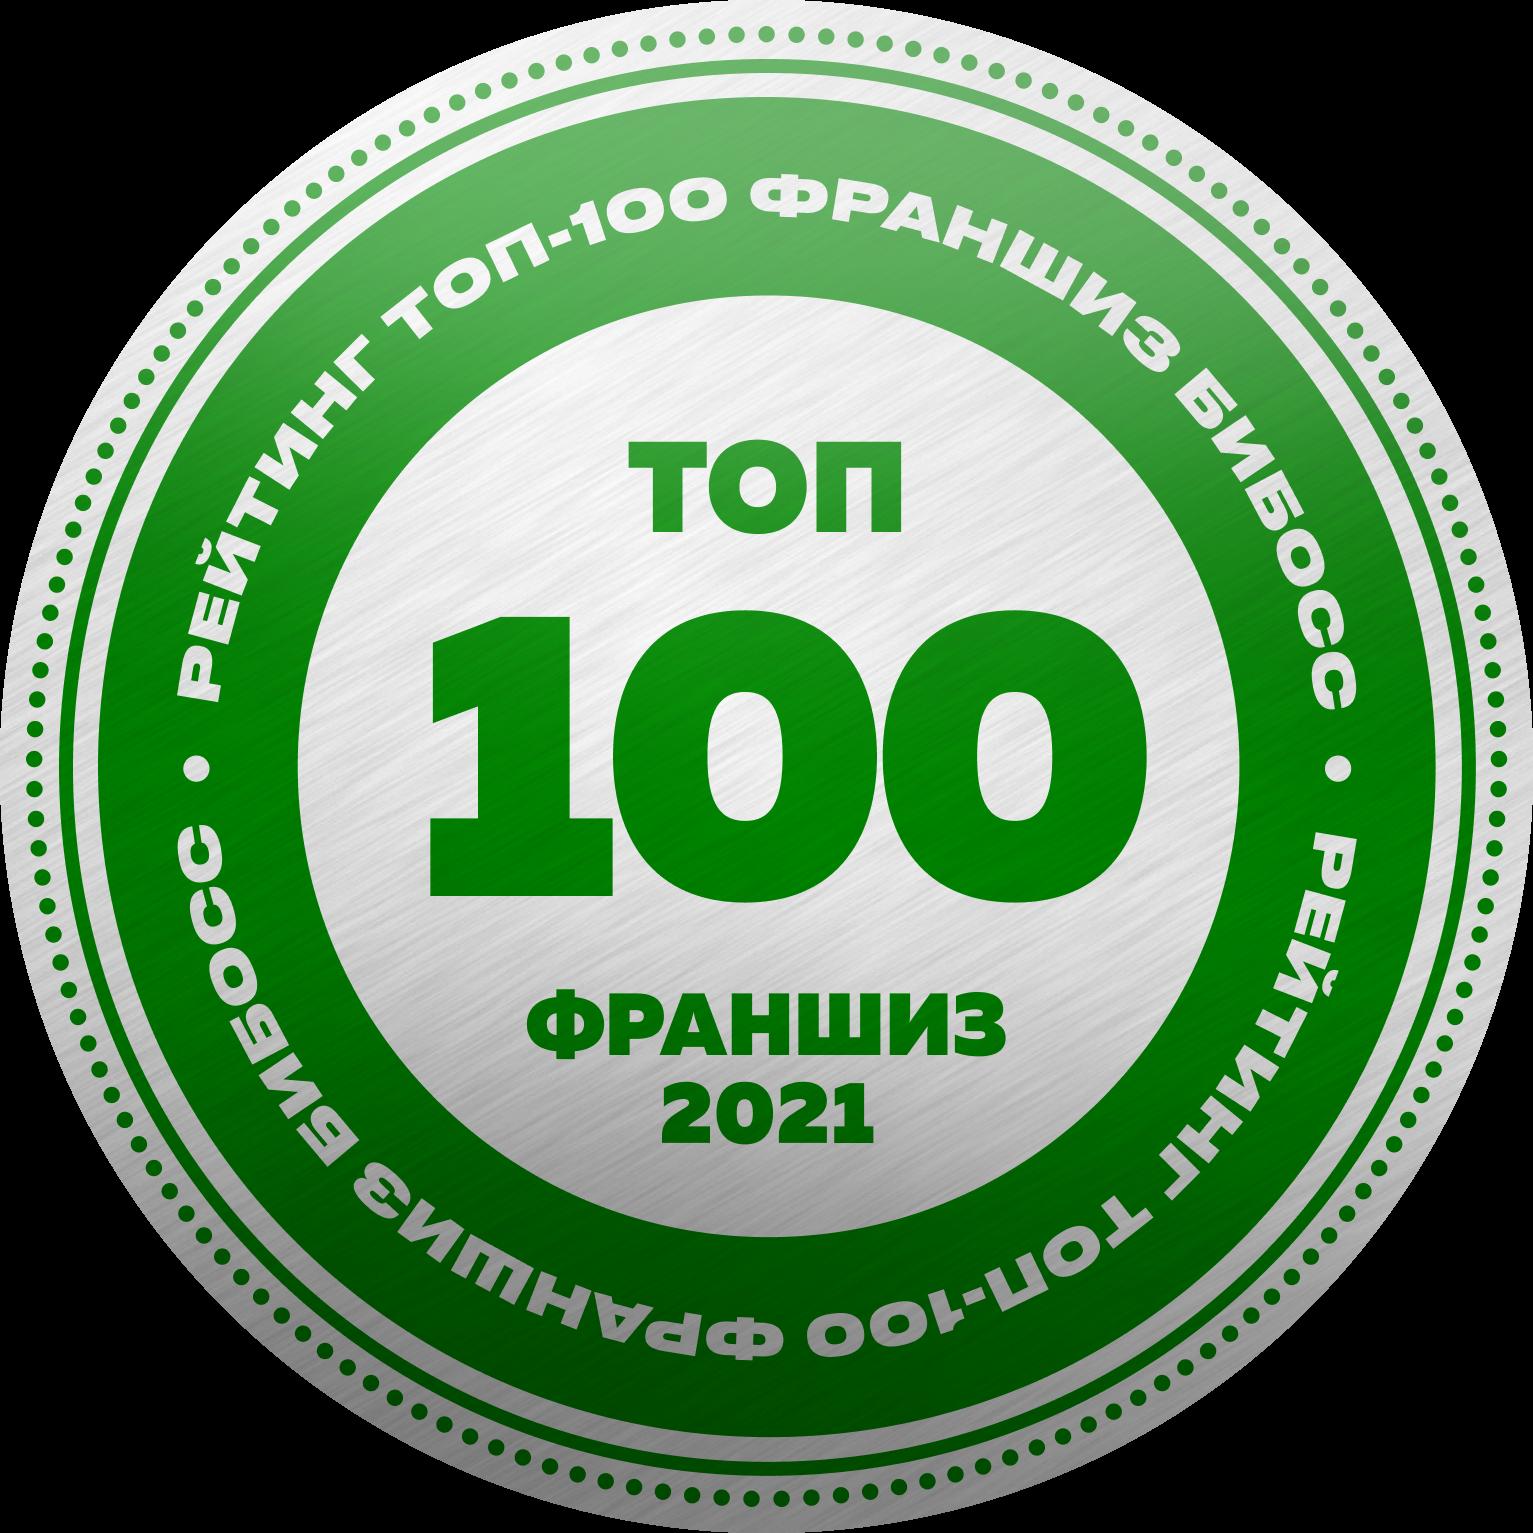 Рейтинг франшизы ТУНЕЦ по версии БИБОСС